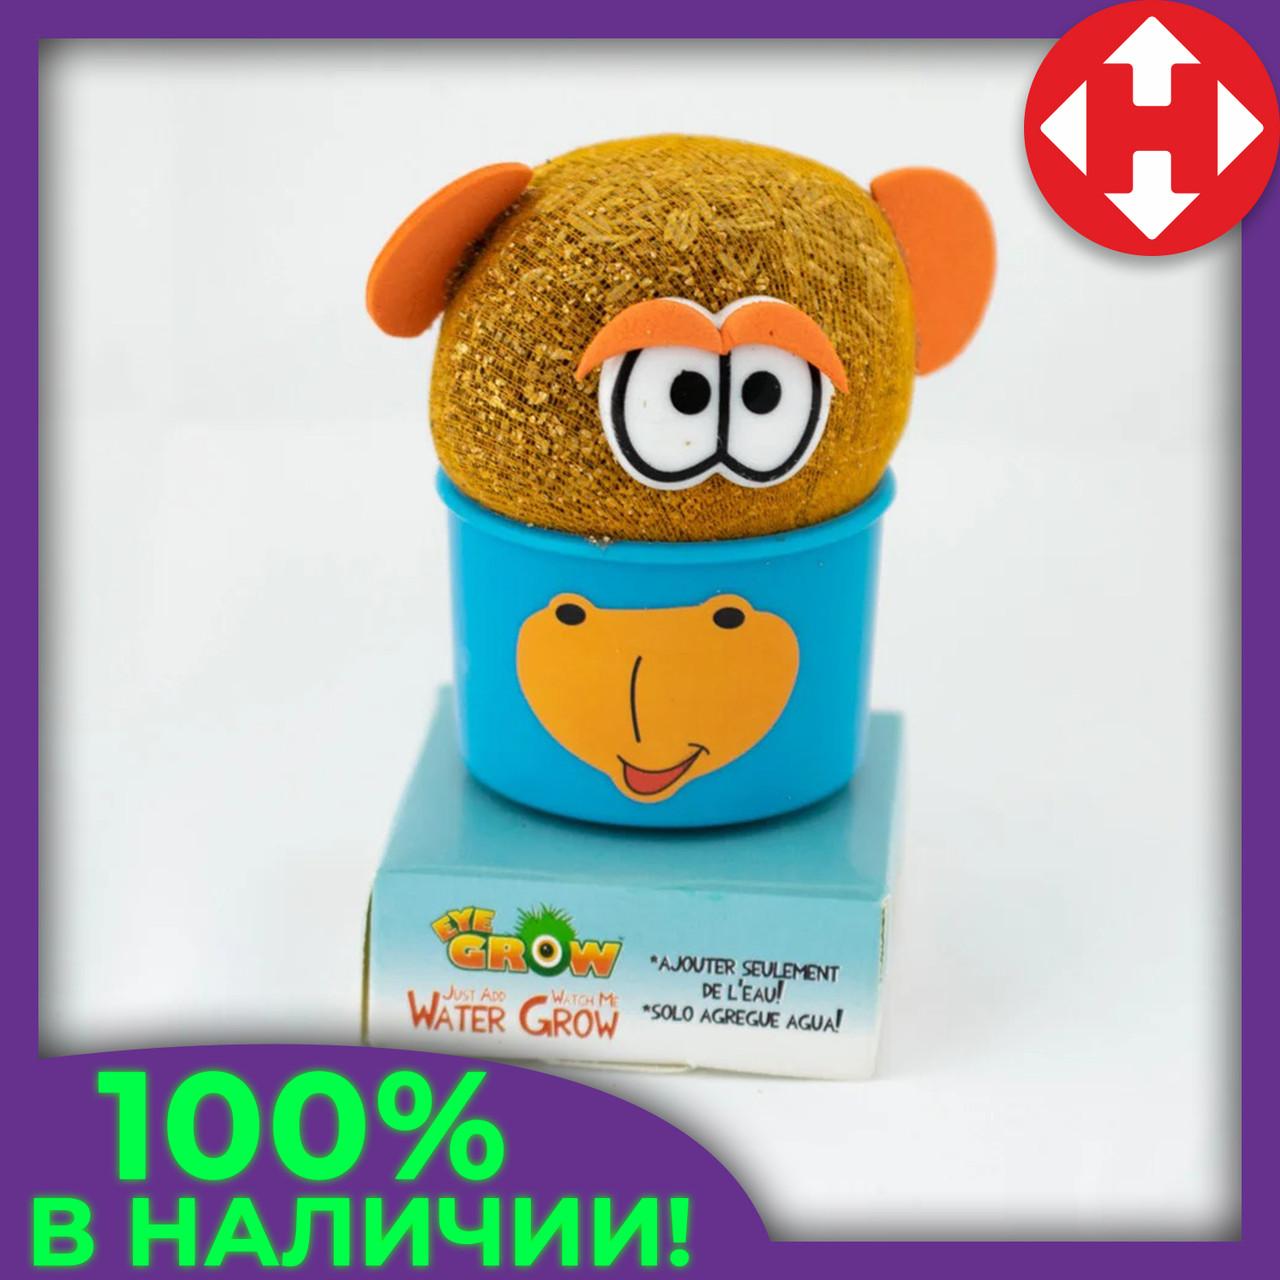 Распродажа! Травянчик декоративный в синем горшочке, растущая игрушка трава, с доставкой по Киеву и Украине